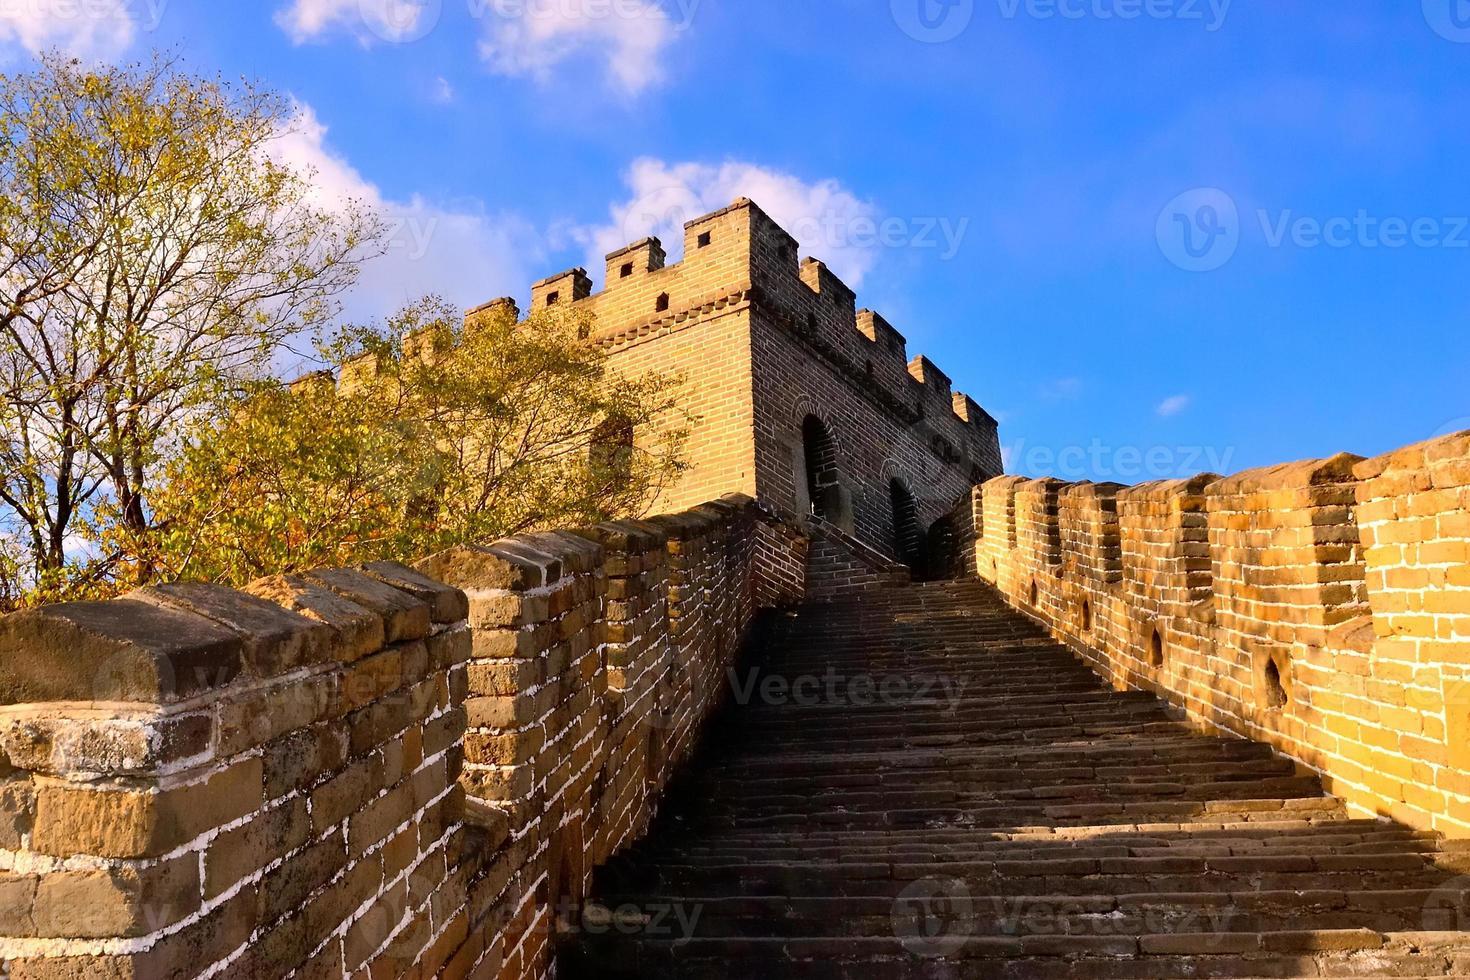 große Mauer aufsteigende Stufen bei mutianyu foto